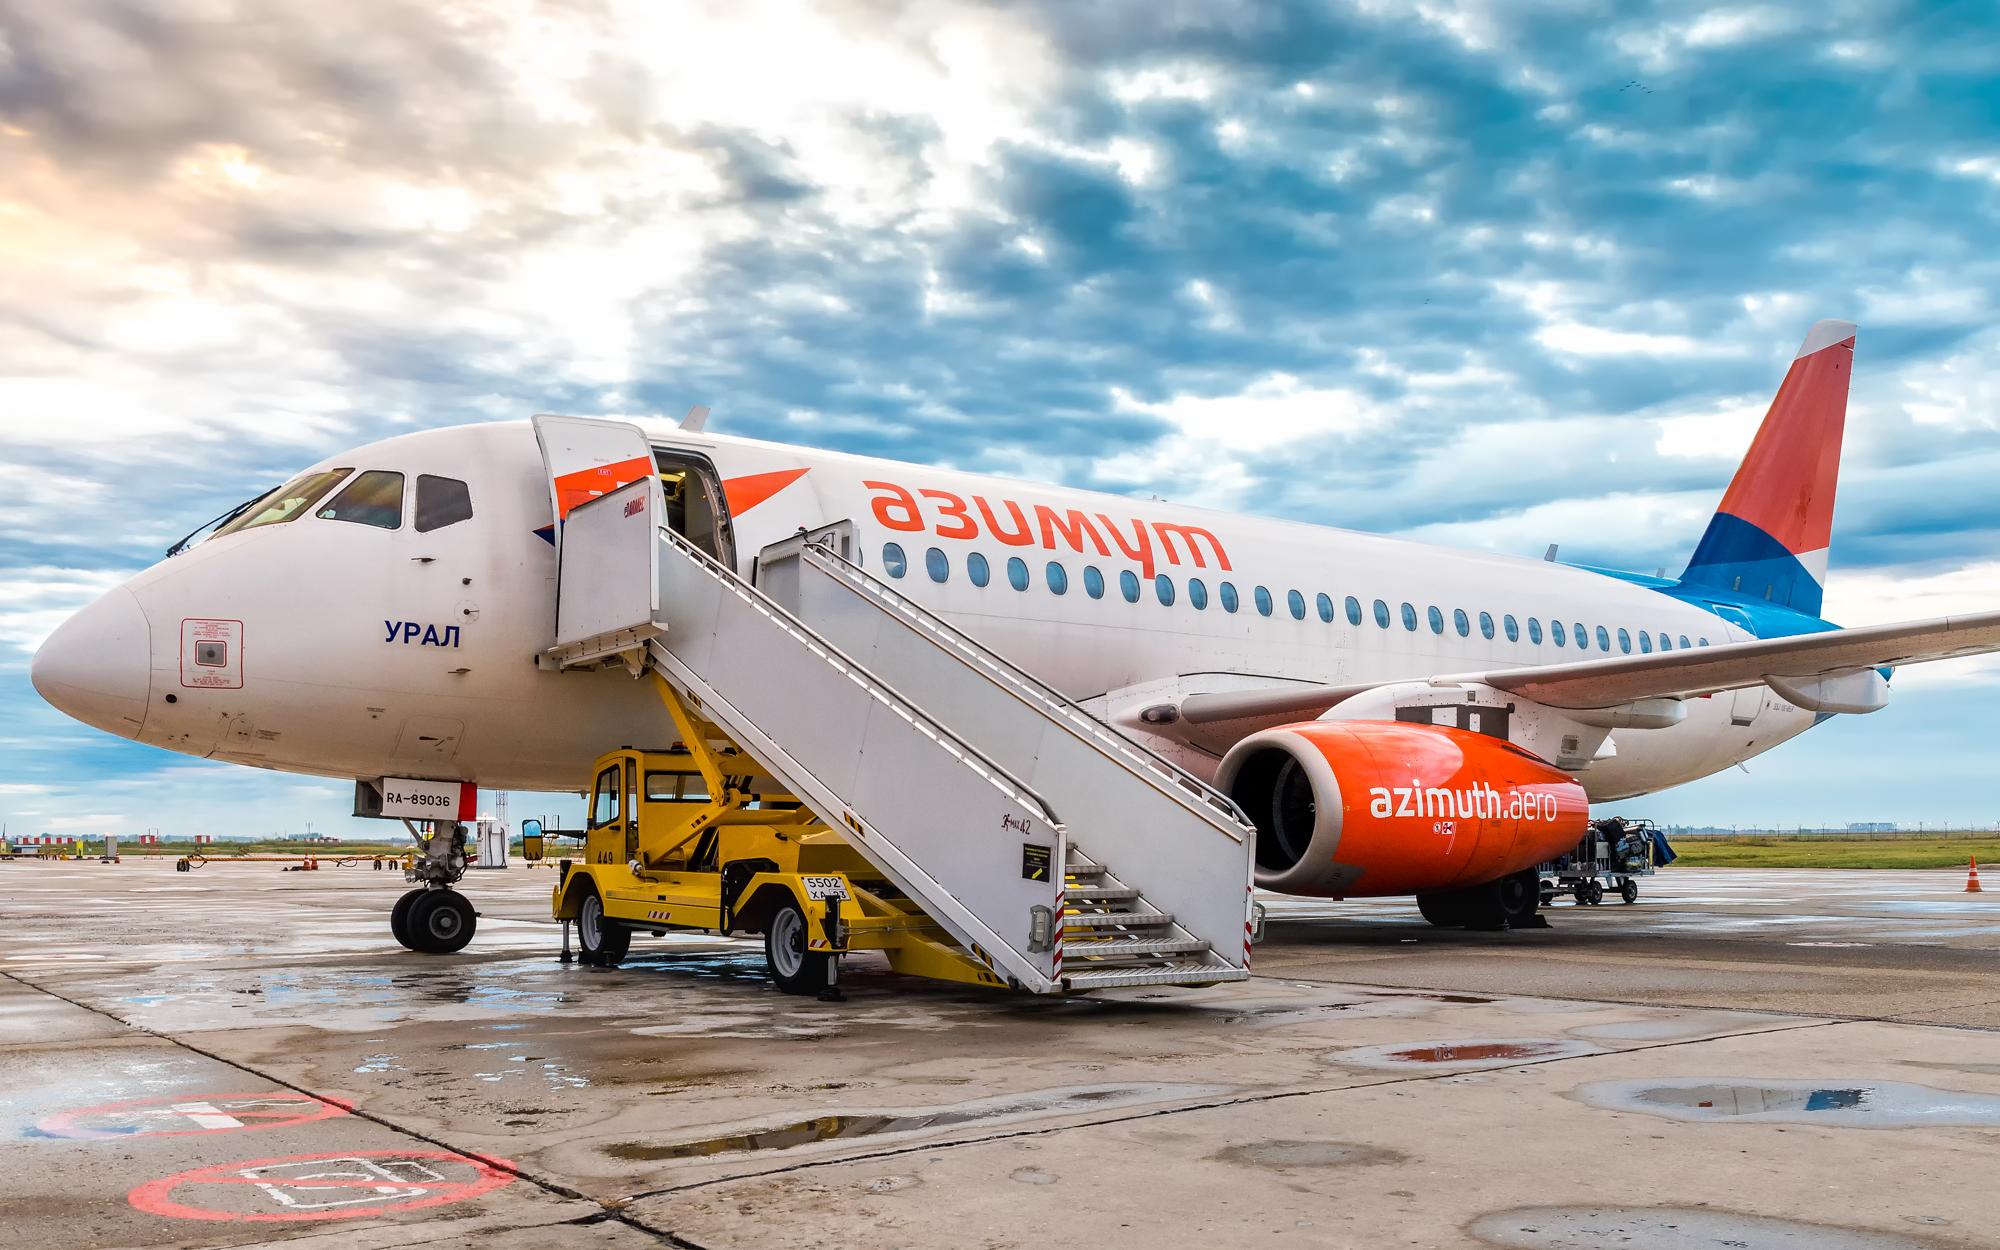 различными оригинальным авиакомпания азимут фото самолеты всё ещё